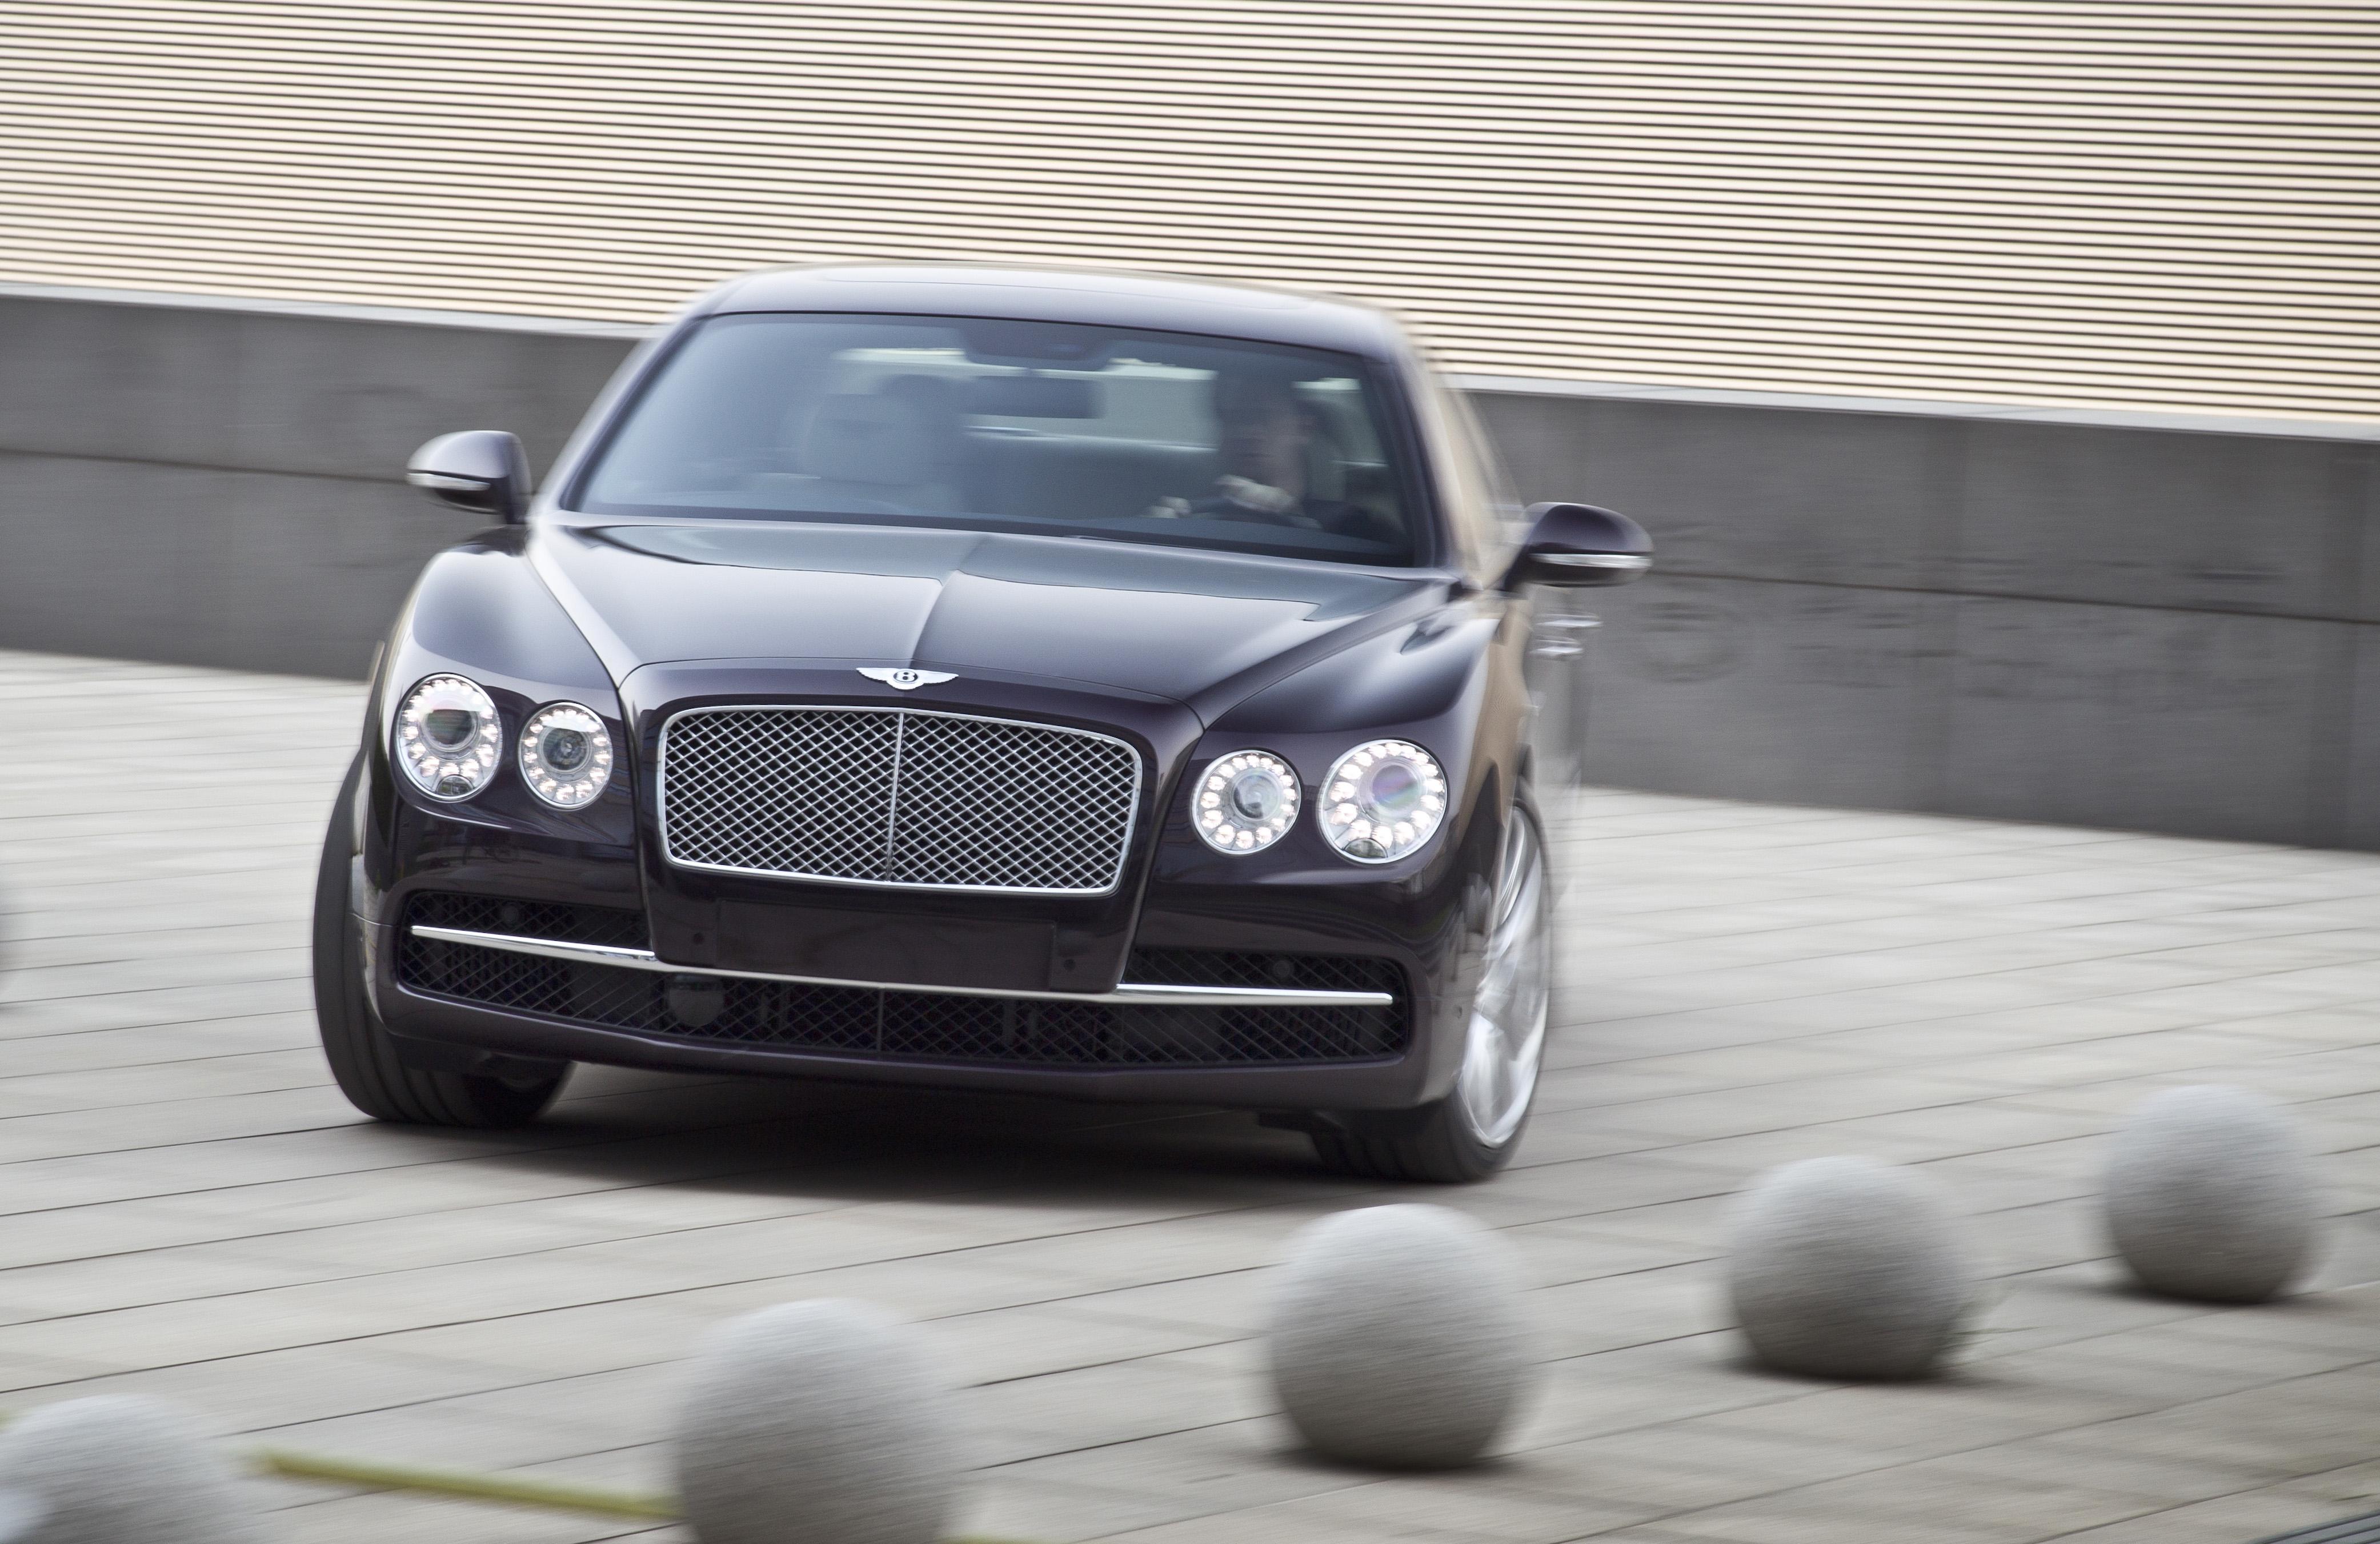 Hintergrundbilder Fahrzeug 2015 Cabriolet Bentley Continental